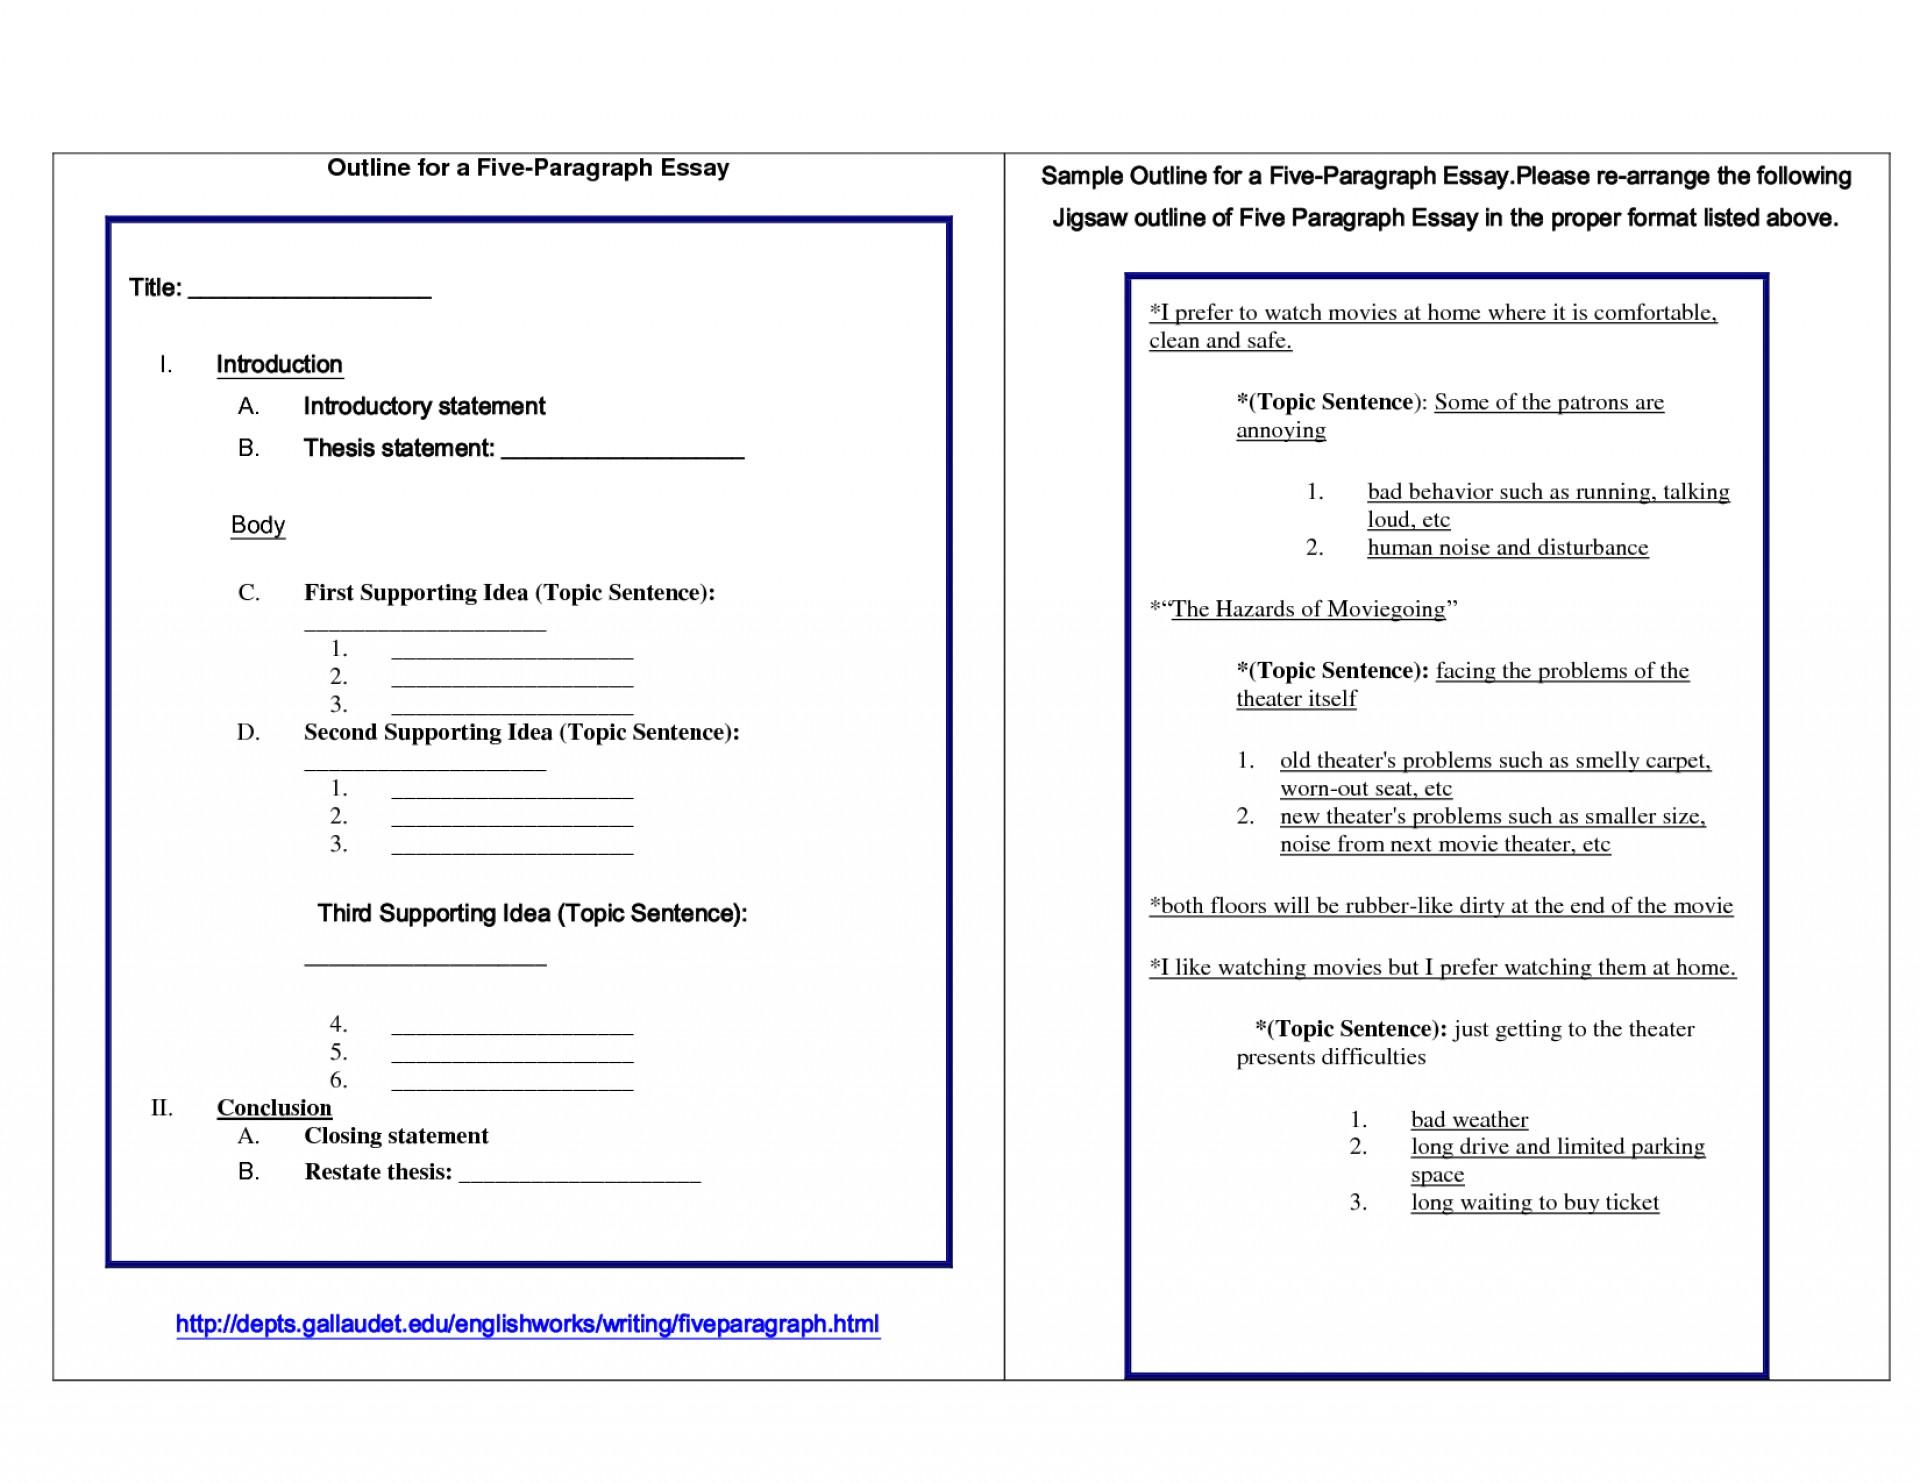 010 Paragraph Essay Format Example Bunch Ideas Of Outline Persuasive Template Az Unique Dreaded 5 Five Pdf 1920